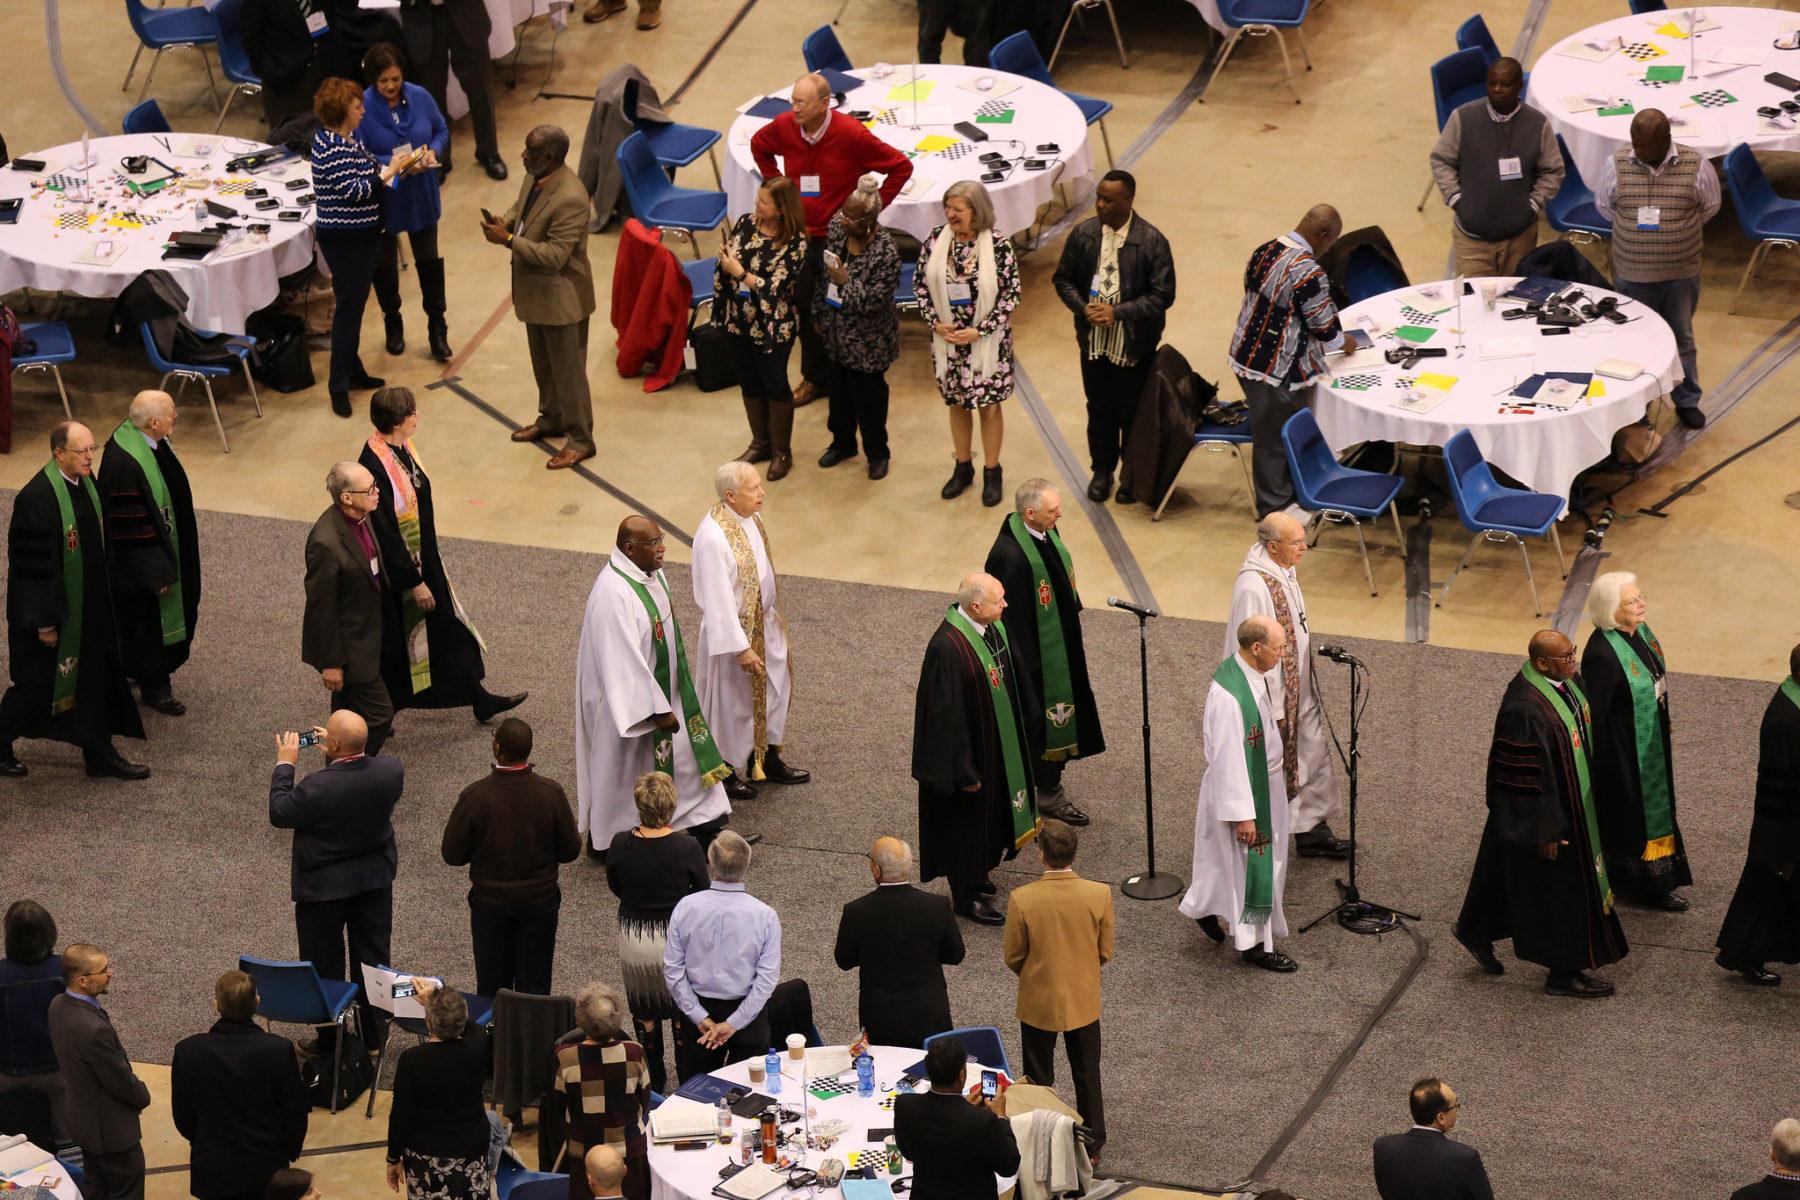 Les évêques méthodistes unis participent au service de culte d'ouverture du 24 février pour la Conférence générale méthodiste unie 2019 à Saint-Louis (Missouri)